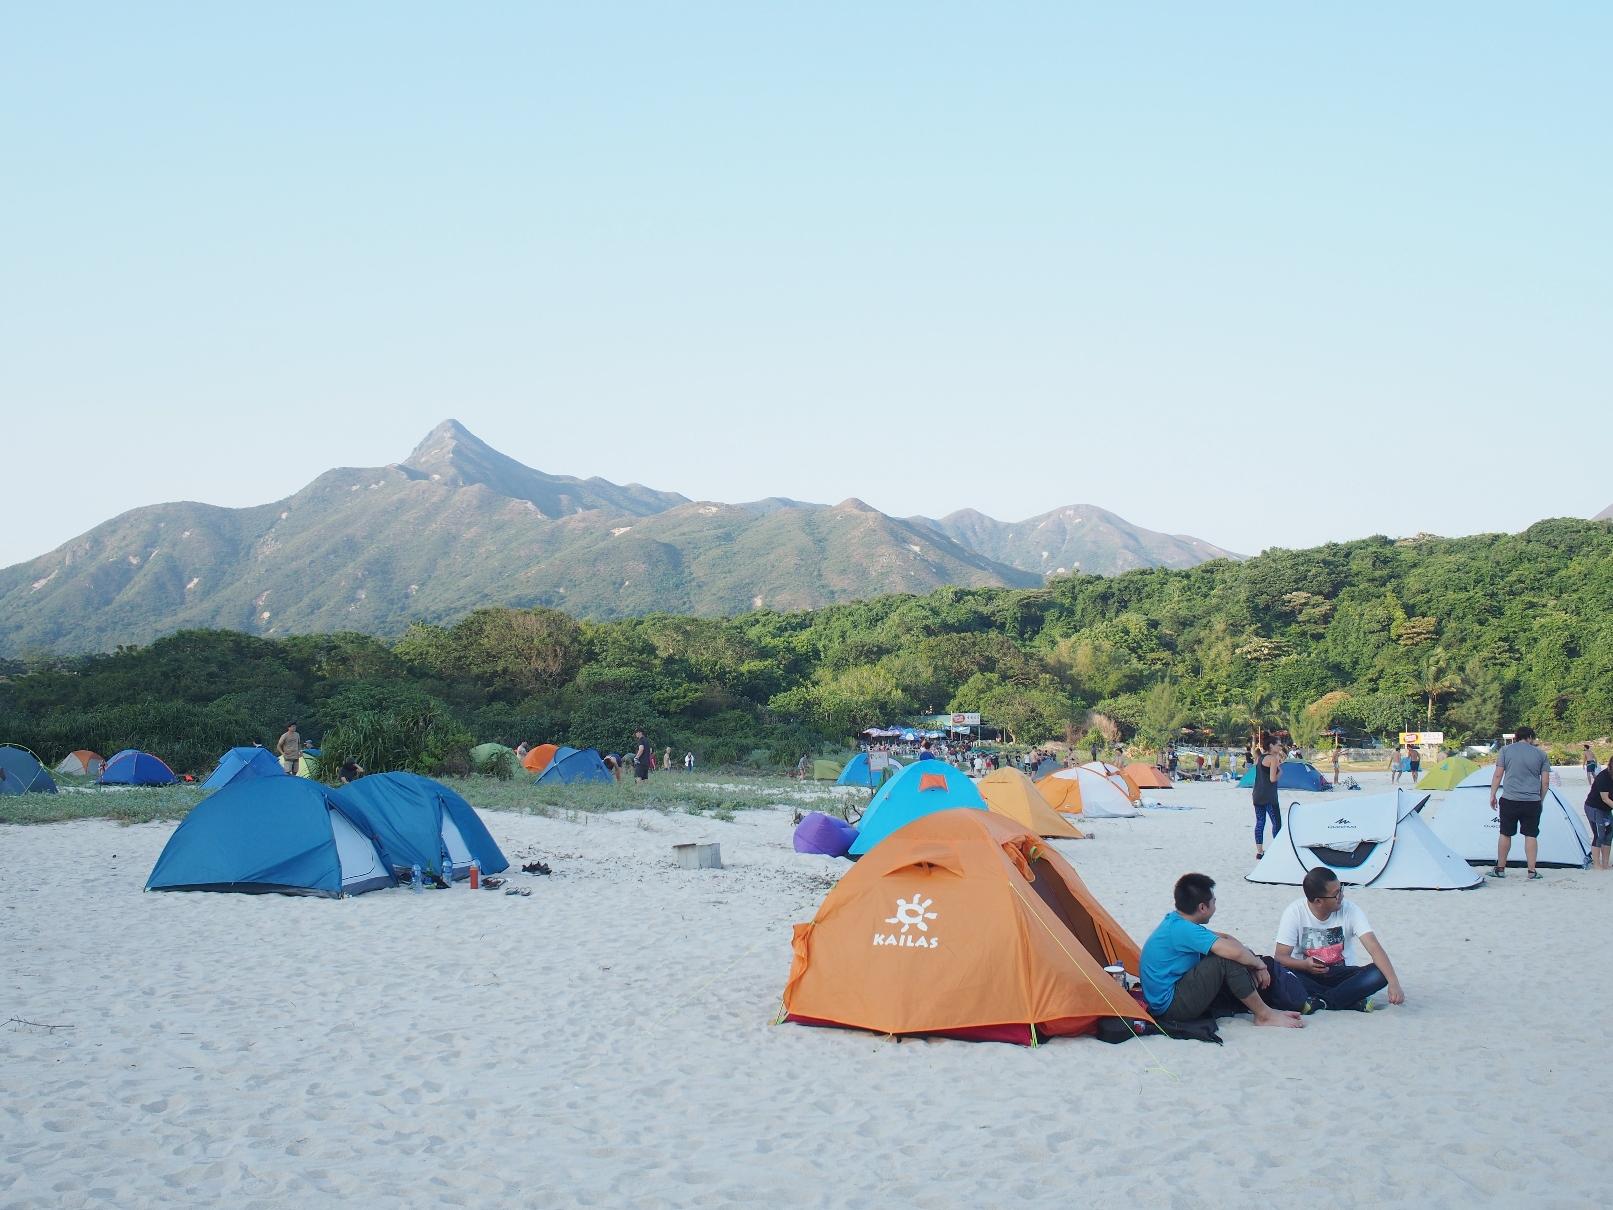 開放的なビーチキャンプも楽しみのひとつ